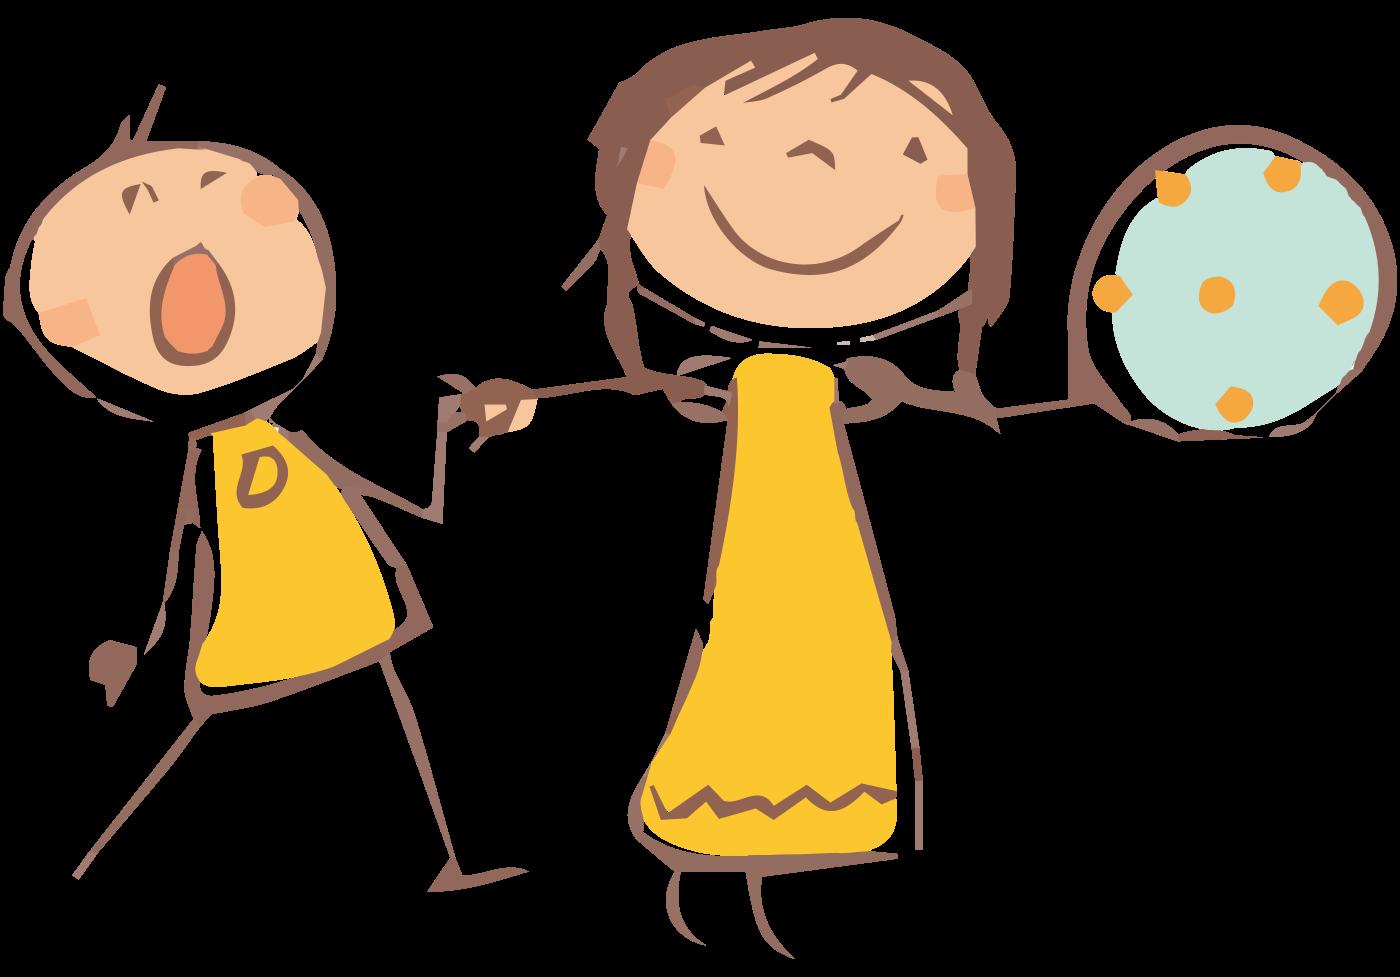 ikona Fundacja Pani Ani, Fundacja onkologiczna, Fundacja dla dzieci chorych onkologicznie